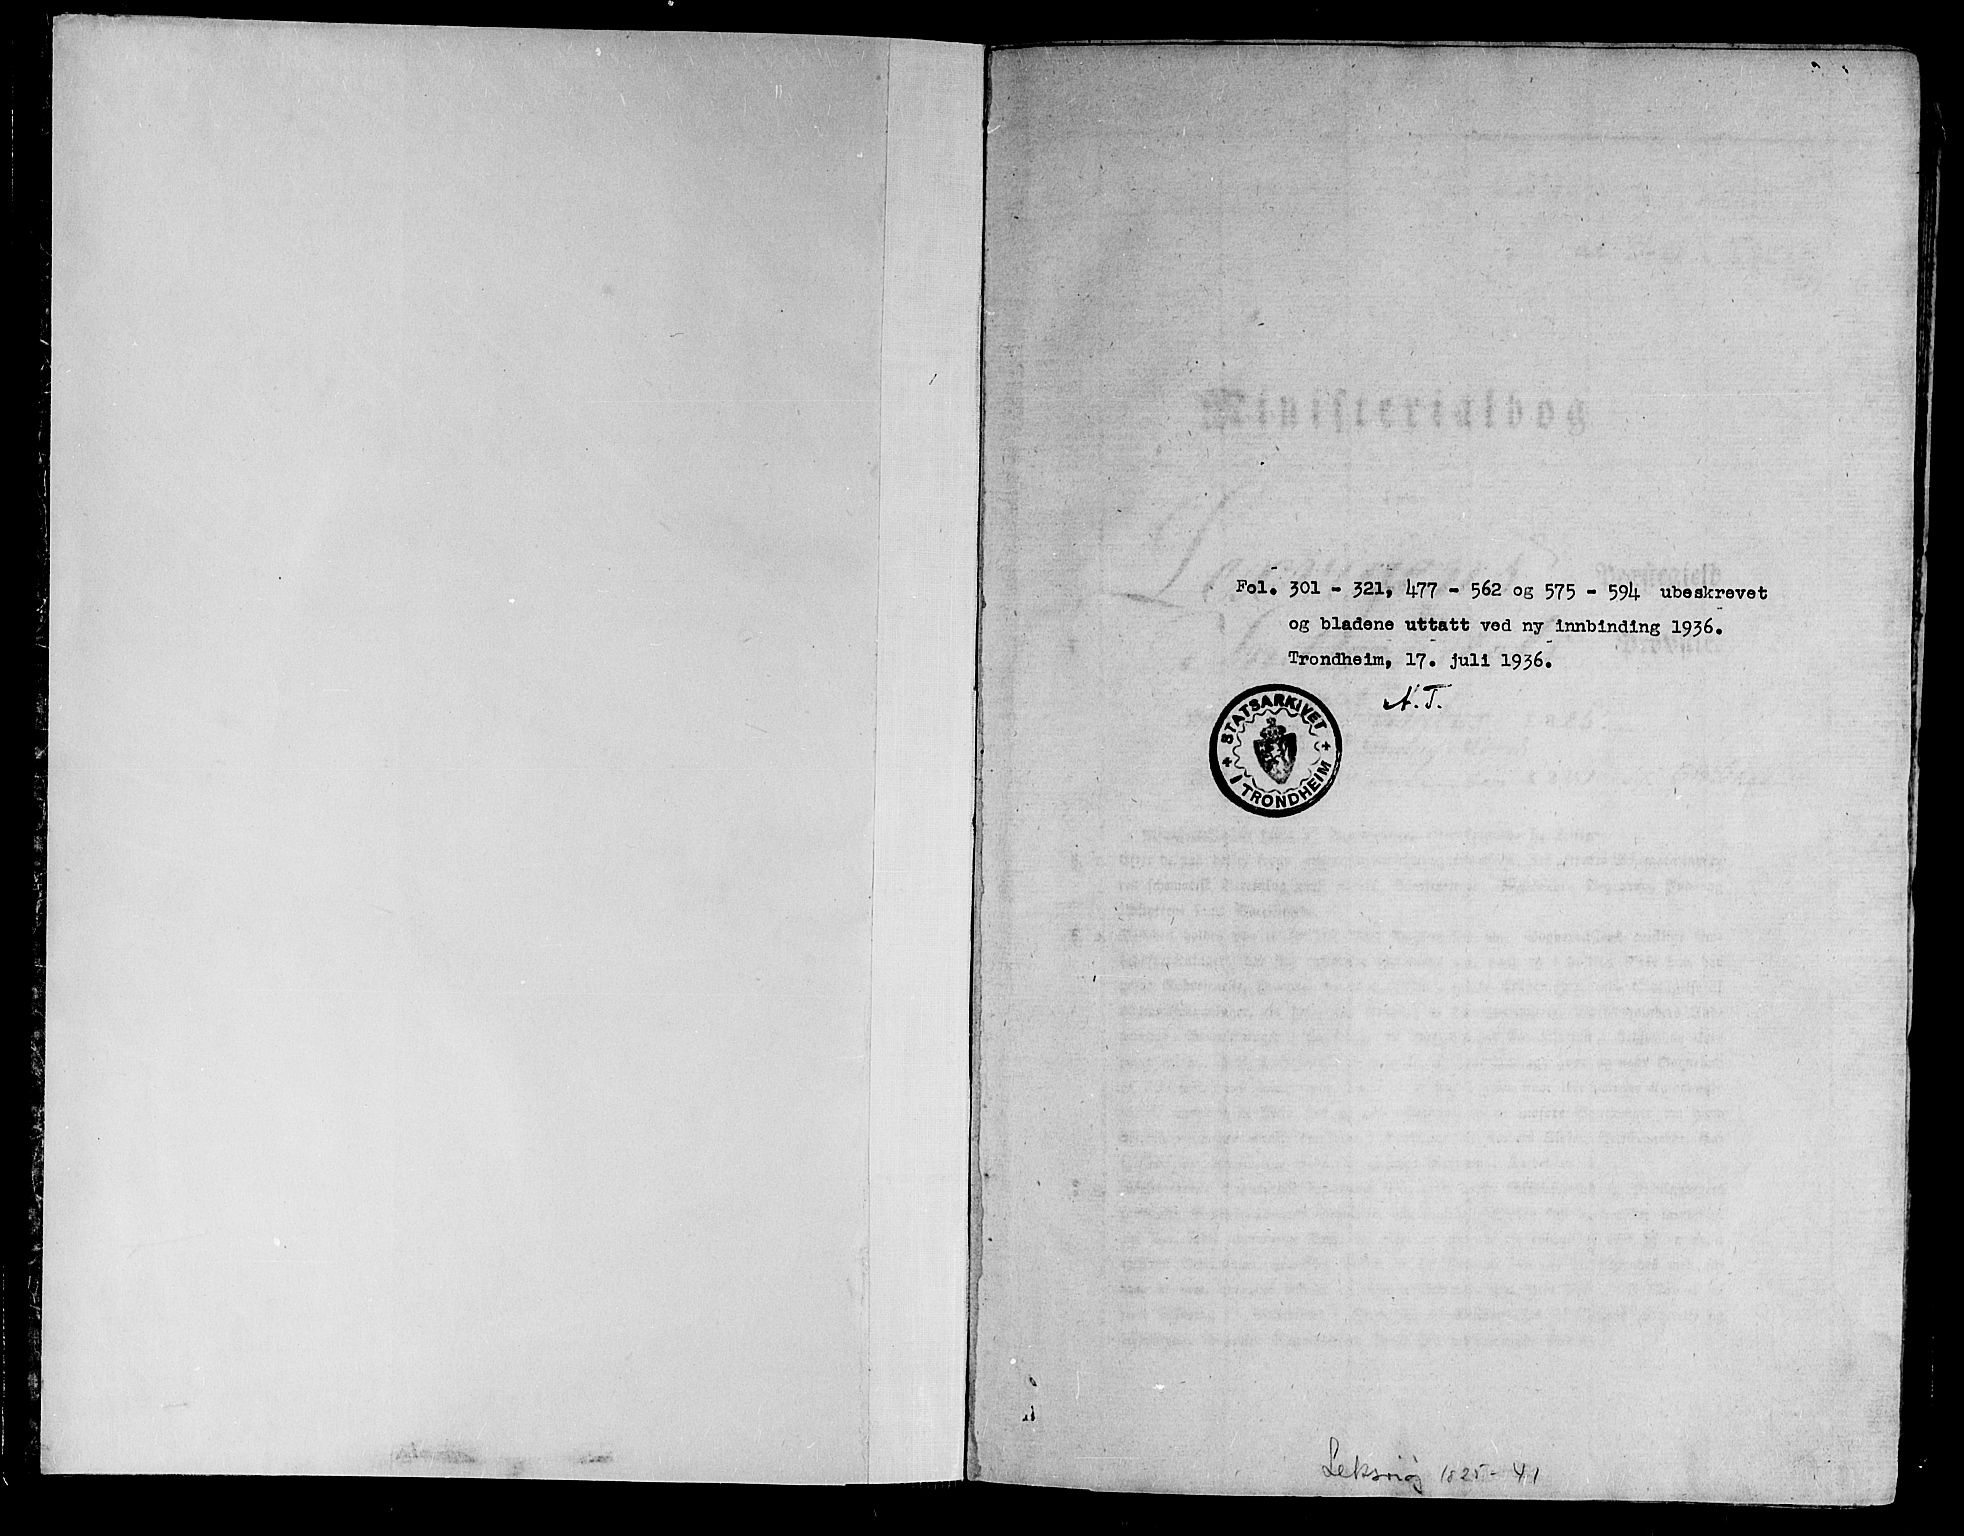 SAT, Ministerialprotokoller, klokkerbøker og fødselsregistre - Nord-Trøndelag, 701/L0006: Ministerialbok nr. 701A06, 1825-1841